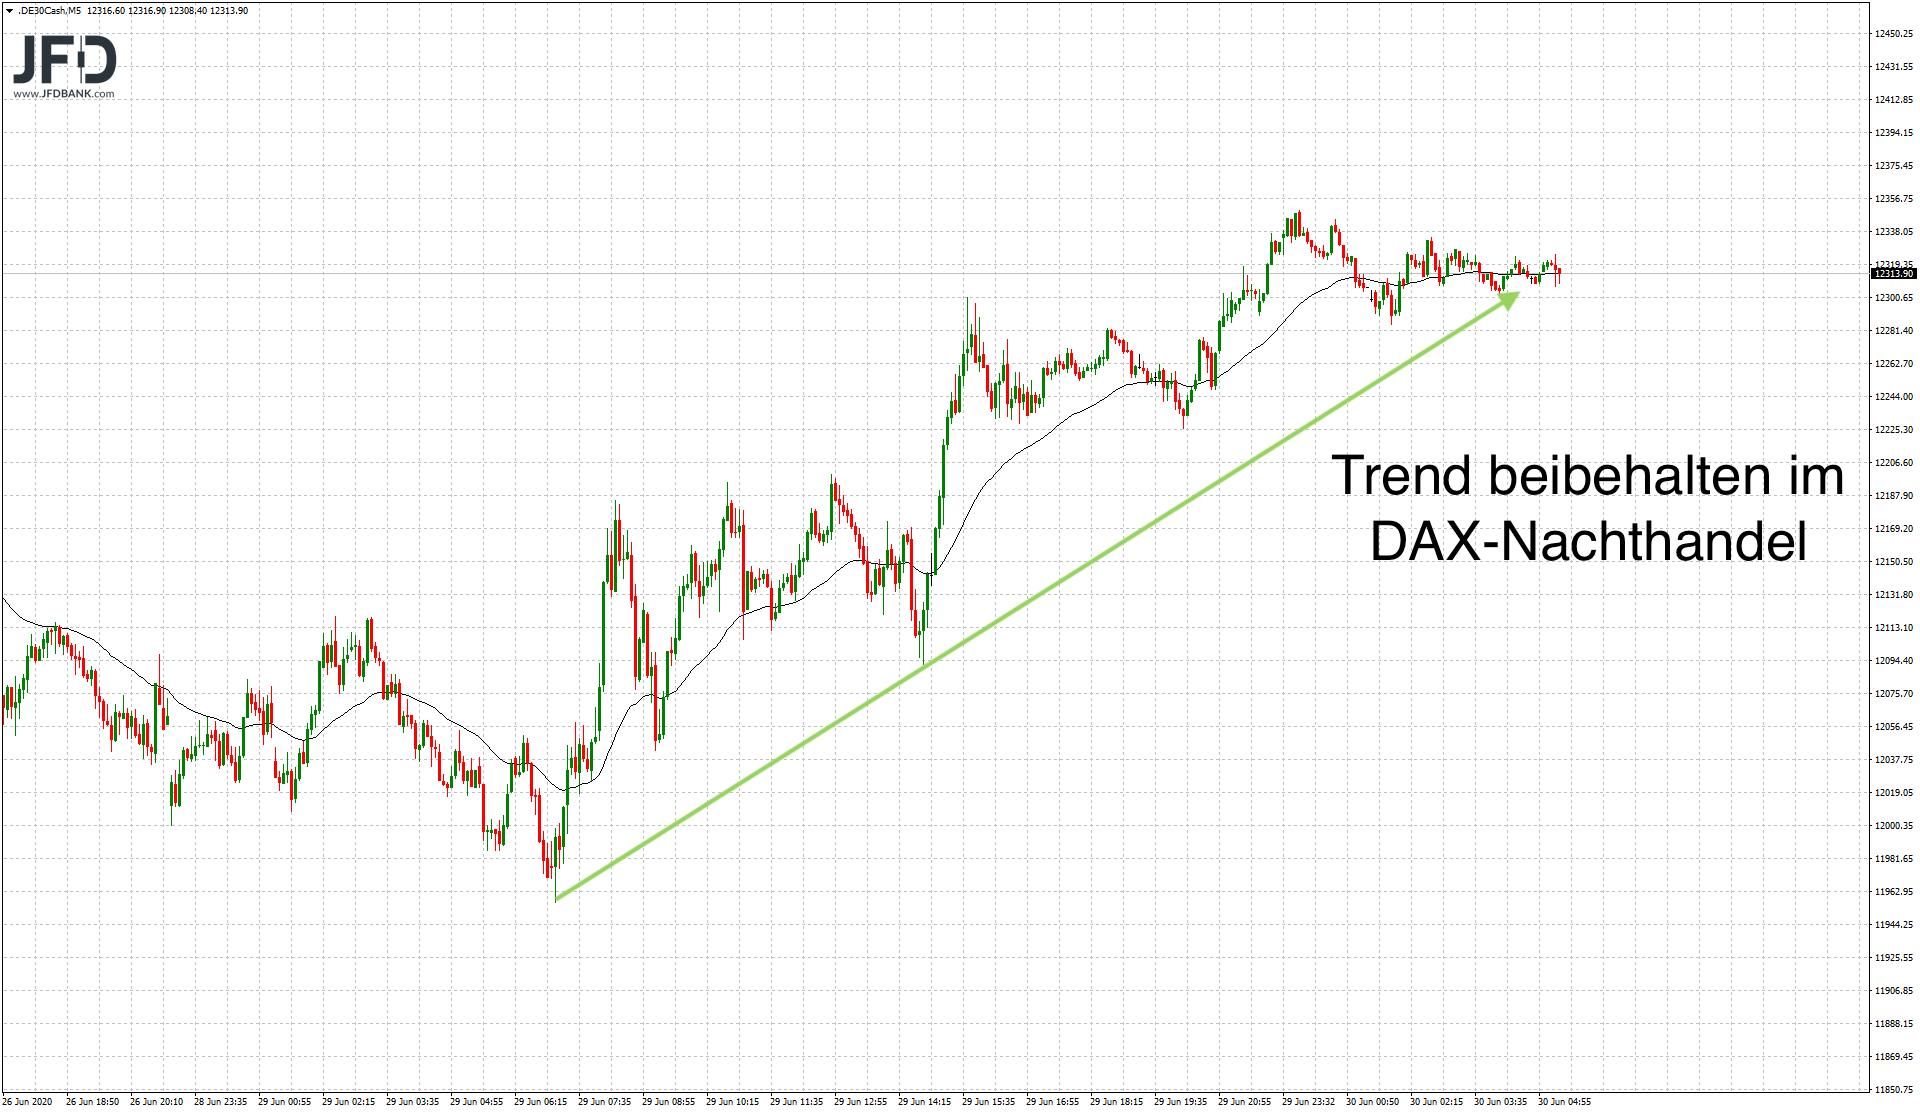 Trend seit Test der 12.000 am Montag im DAX